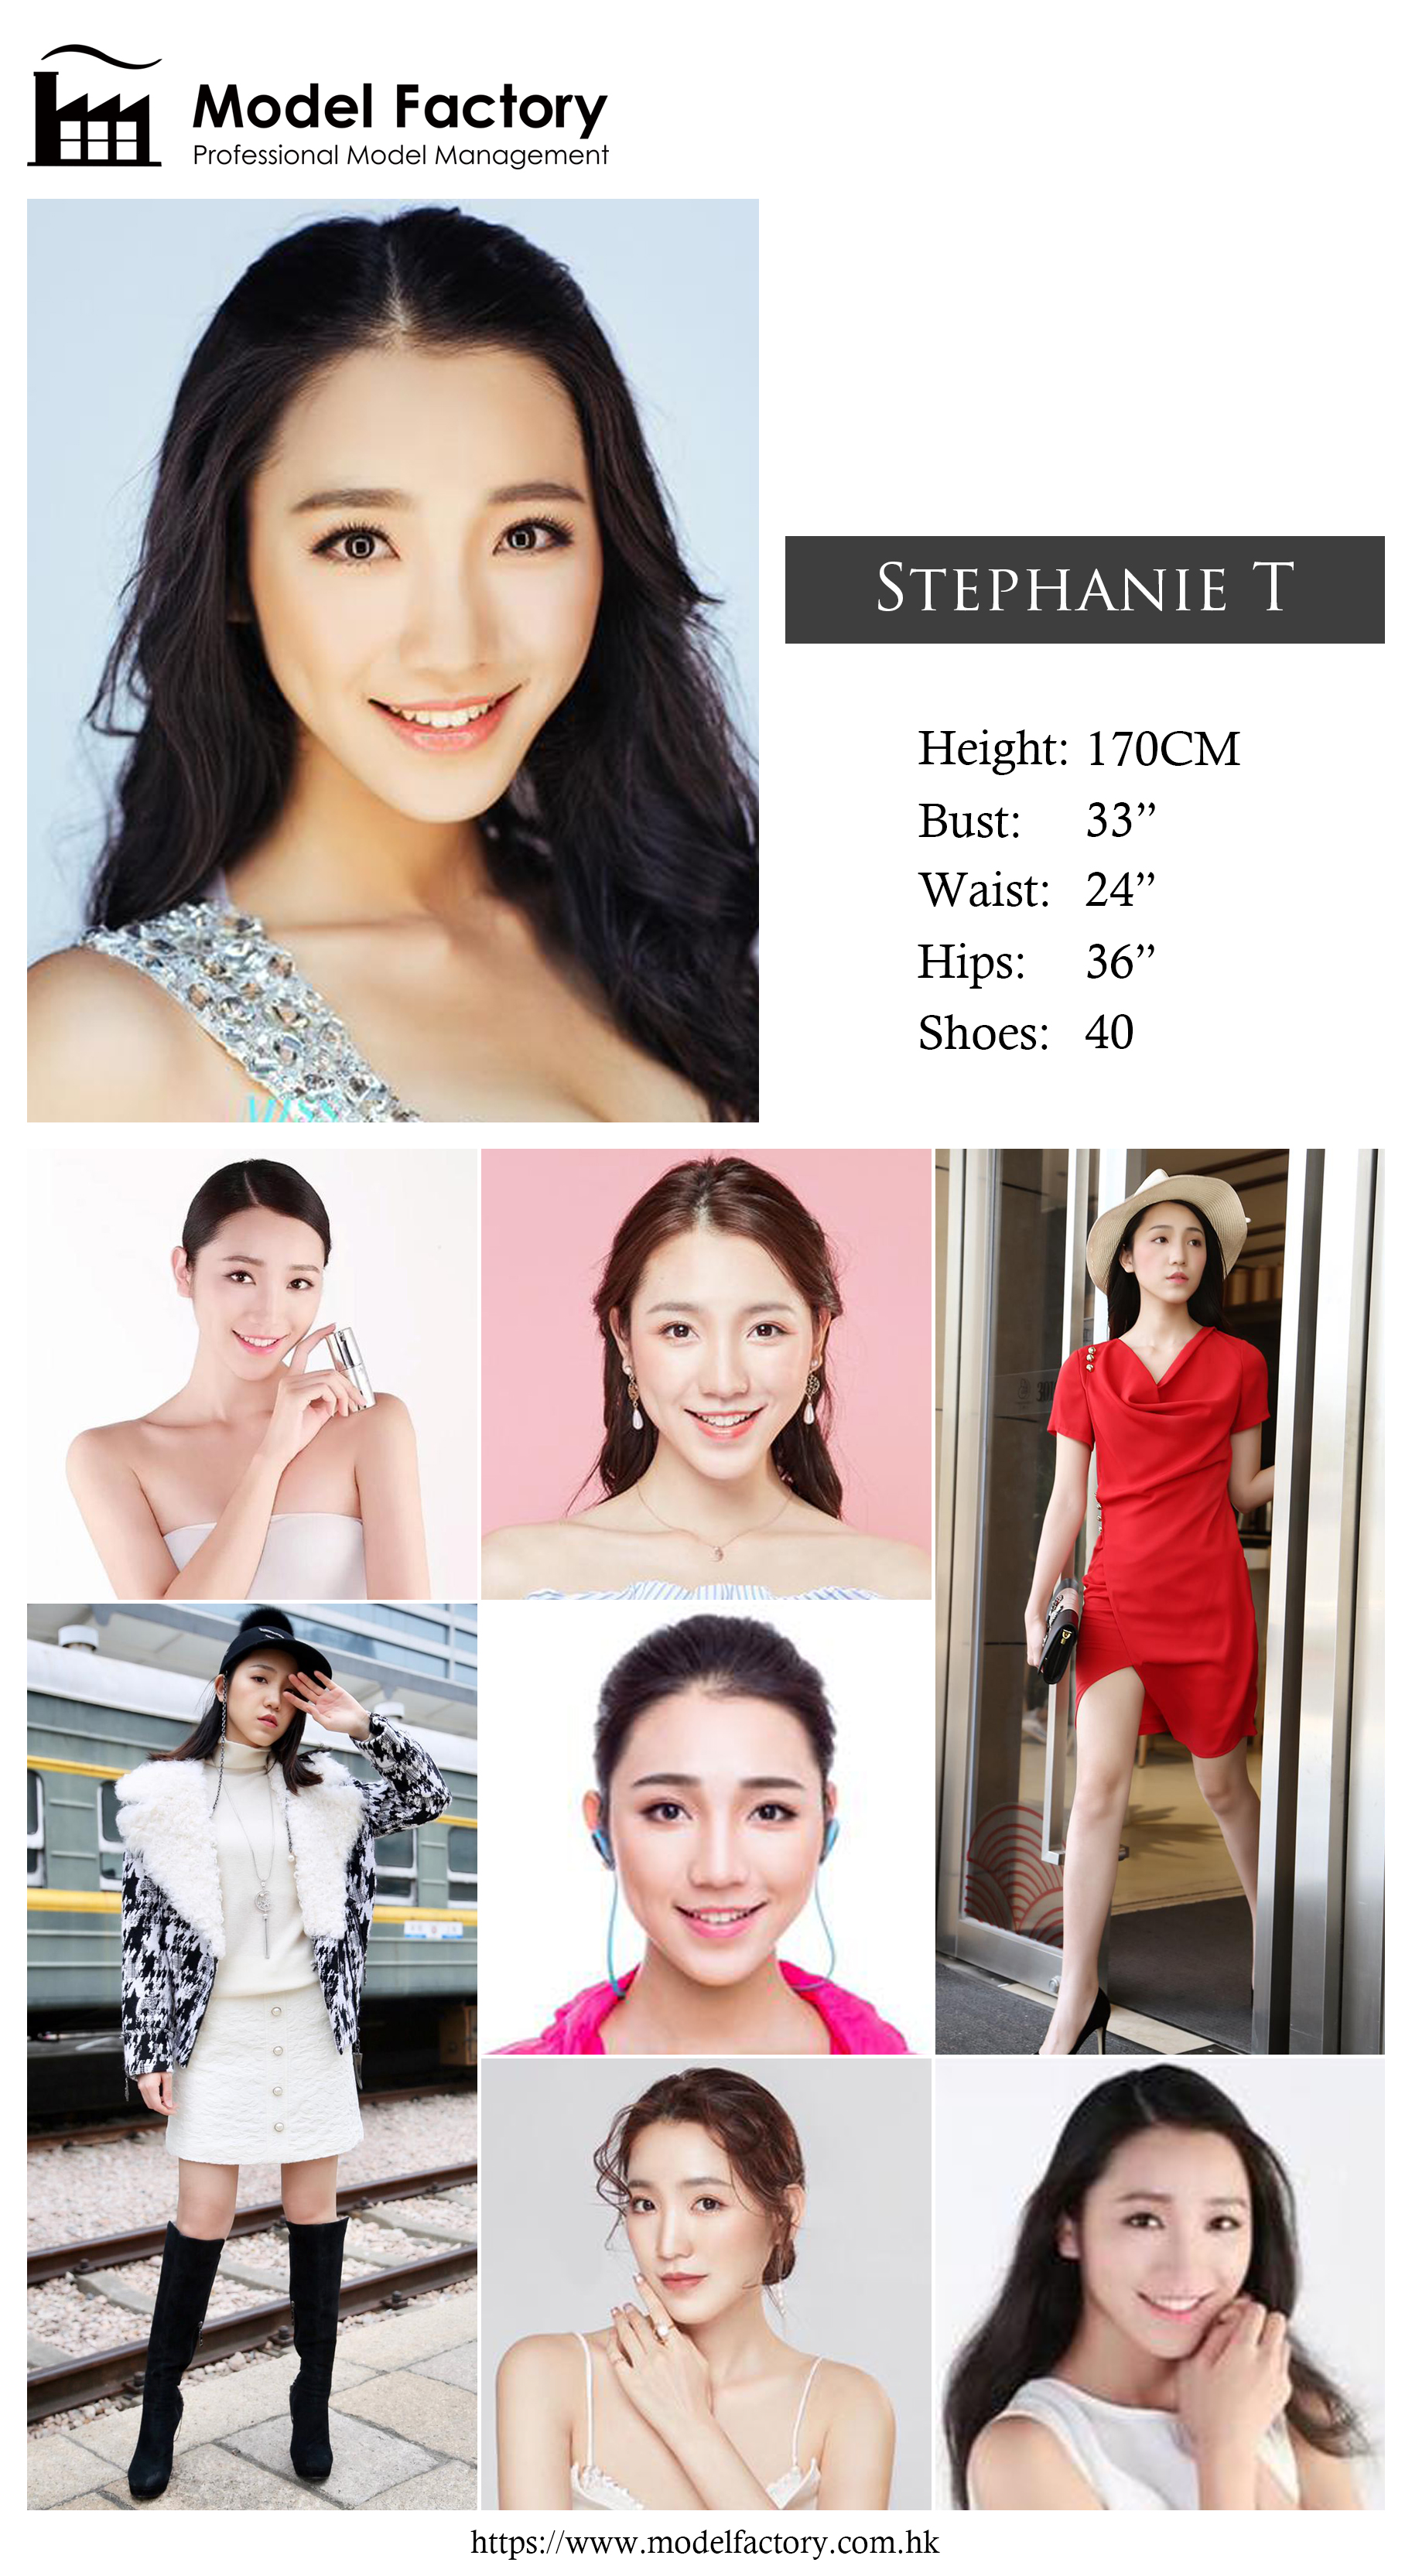 Model Factory Hong Kong Female Model StephanieT